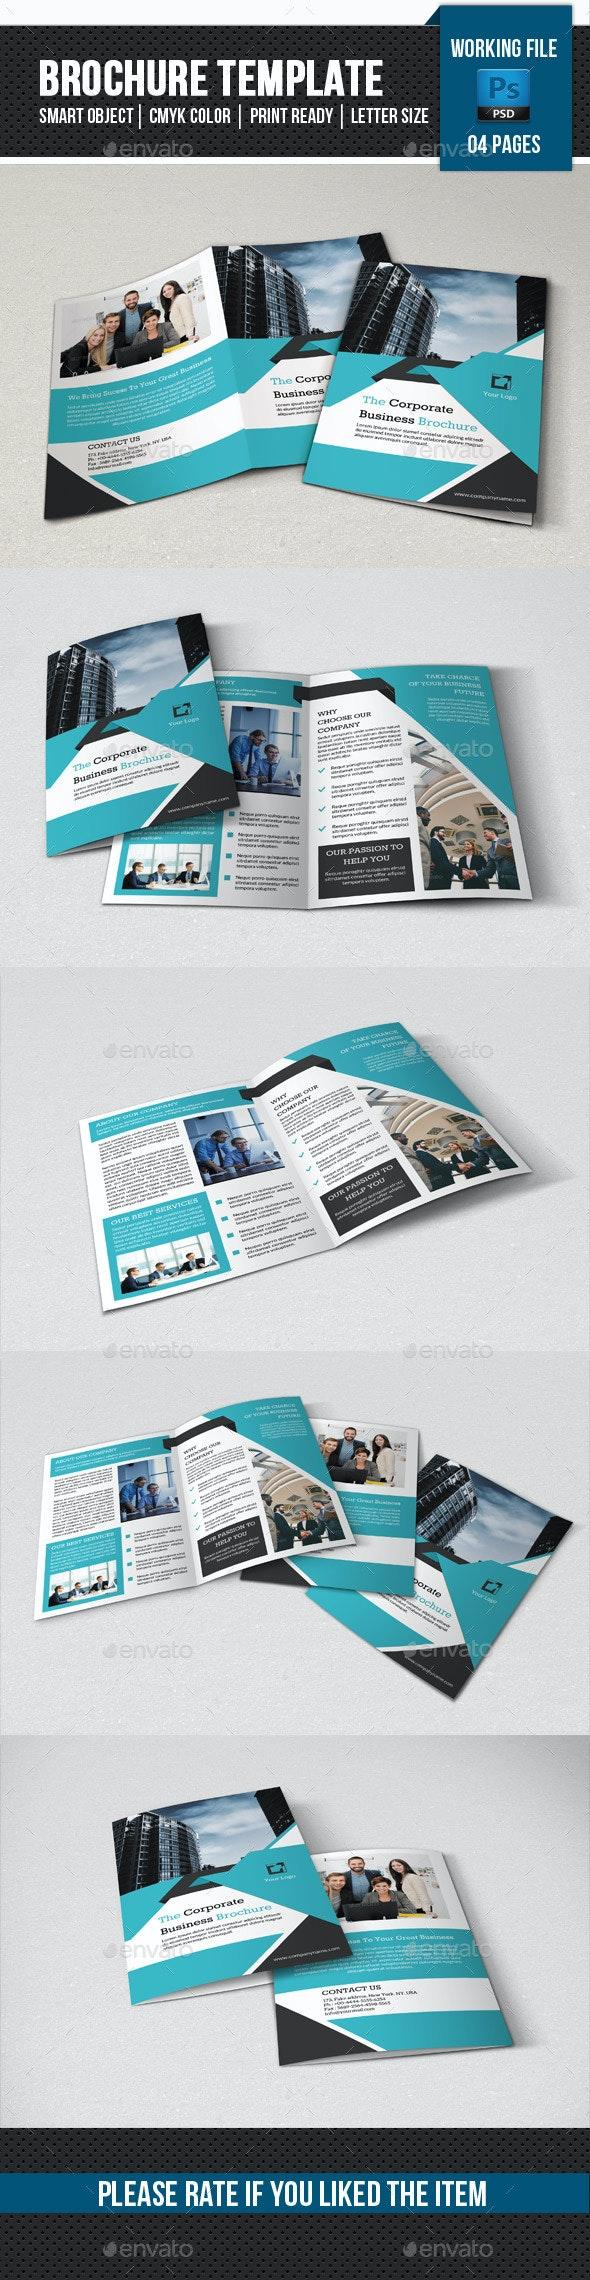 Corporate Bifold Brochure-V363 - Corporate Brochures